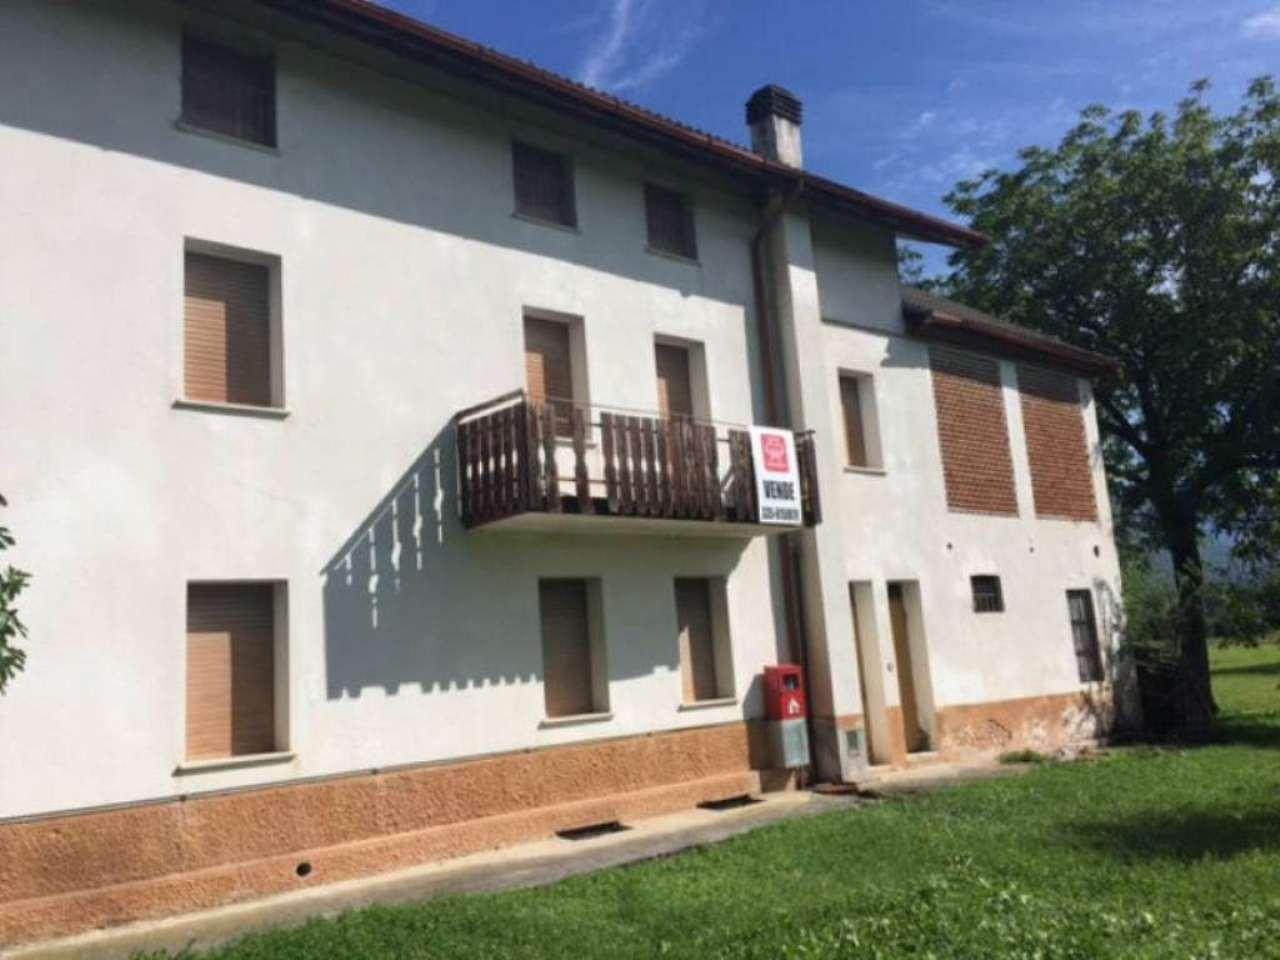 Soluzione Indipendente in vendita a Belluno, 13 locali, prezzo € 240.000 | Cambio Casa.it